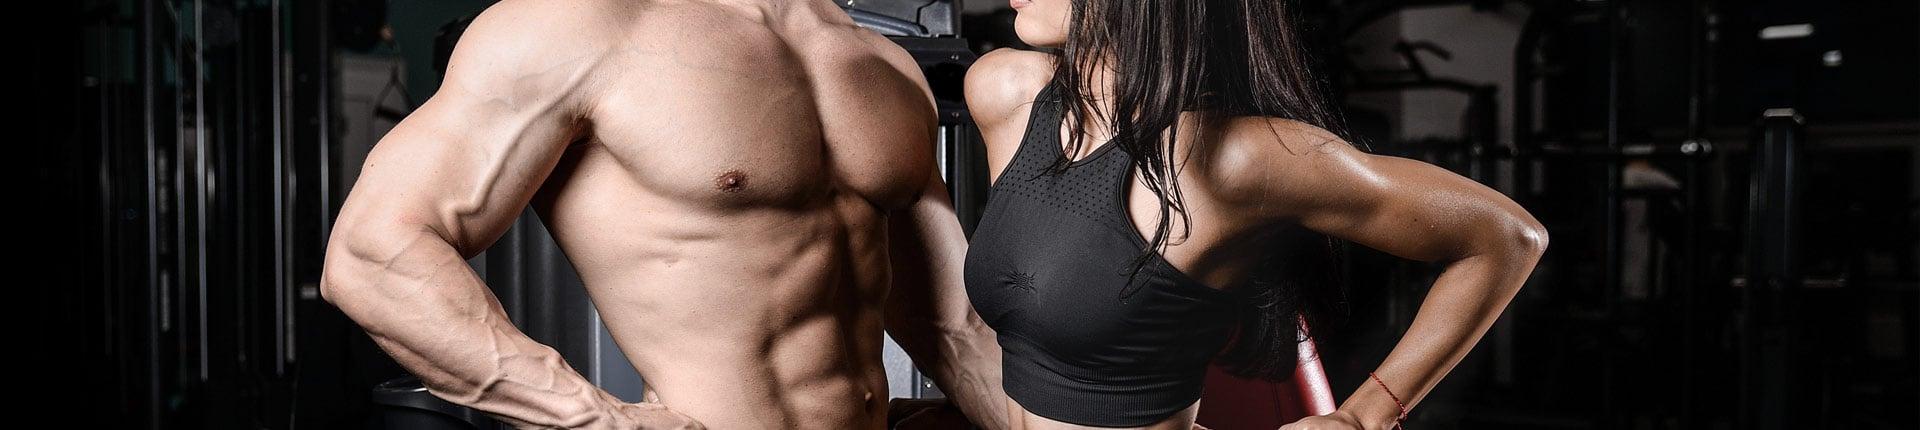 Jak obniżyć poziom estrogenów? Co jeść, a czego unikać